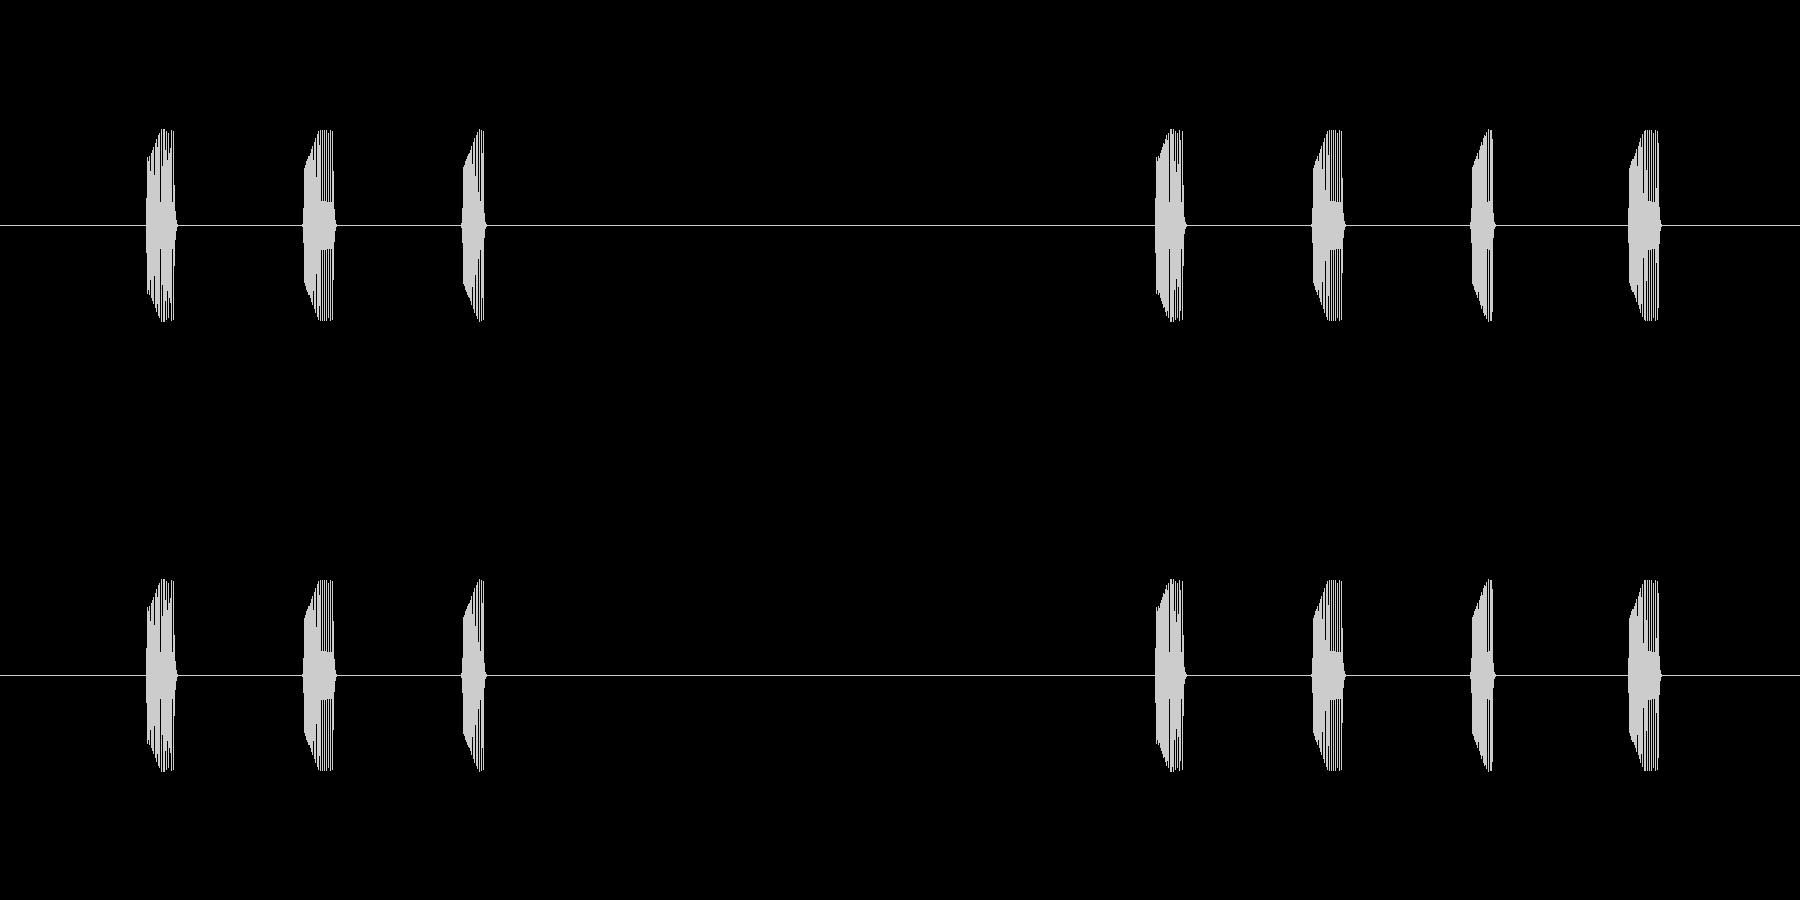 シューティング キャラ足音 ププププの未再生の波形